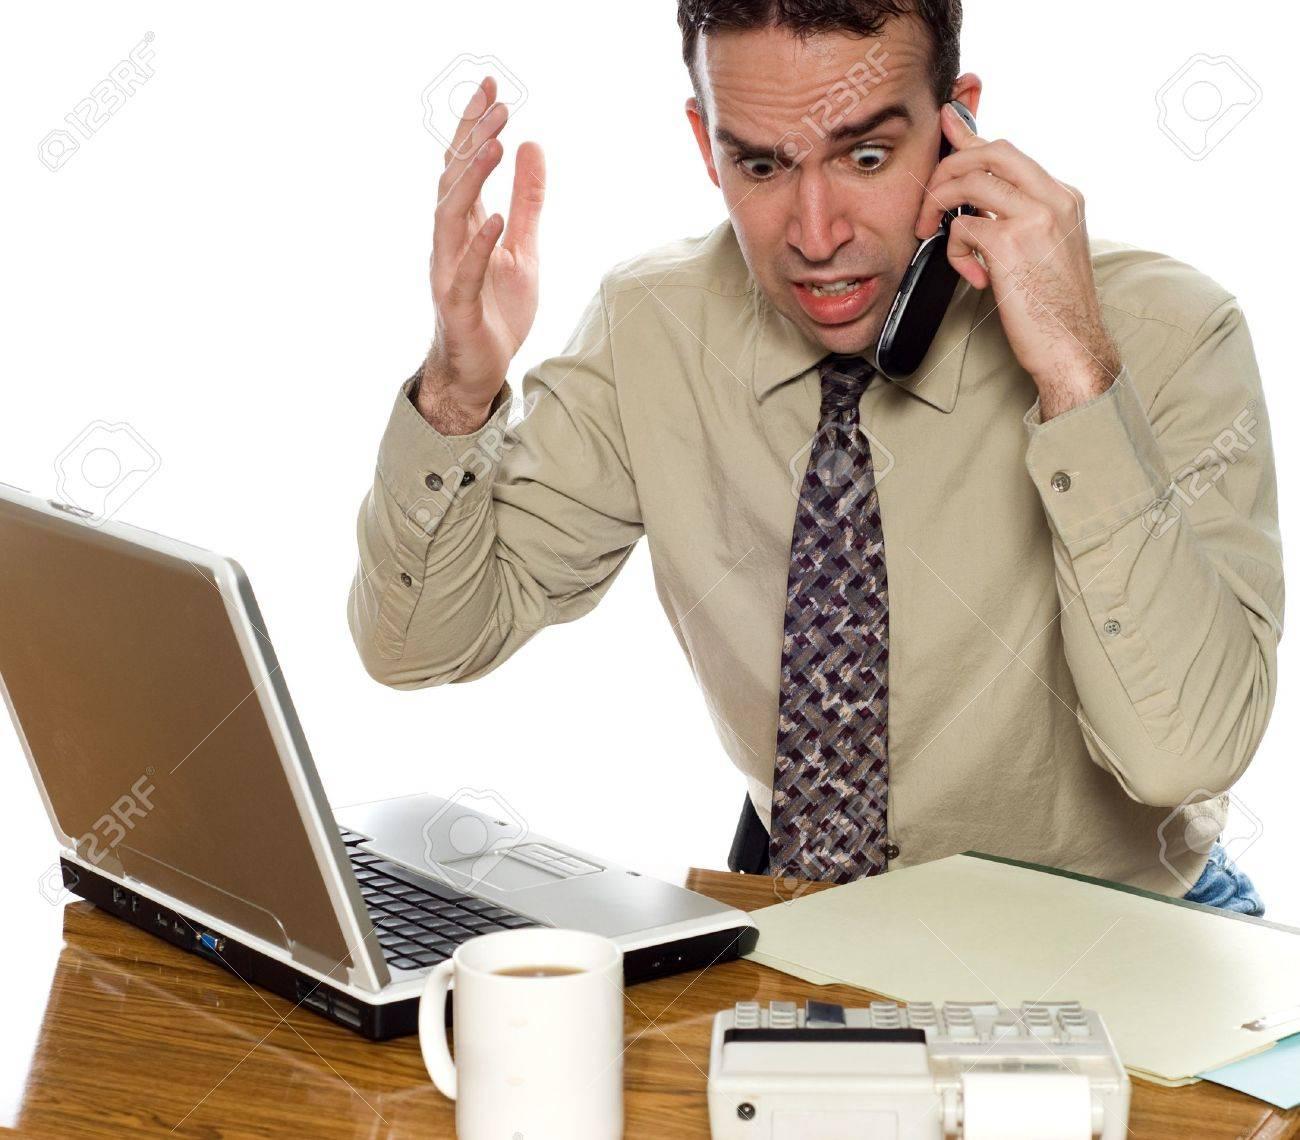 Immagini divertenti - Pagina 4 4522814-Stressato-contabile-parlare-per-la-sua-cellulare-isolato-su-uno-sfondo-bianco-Archivio-Fotografico